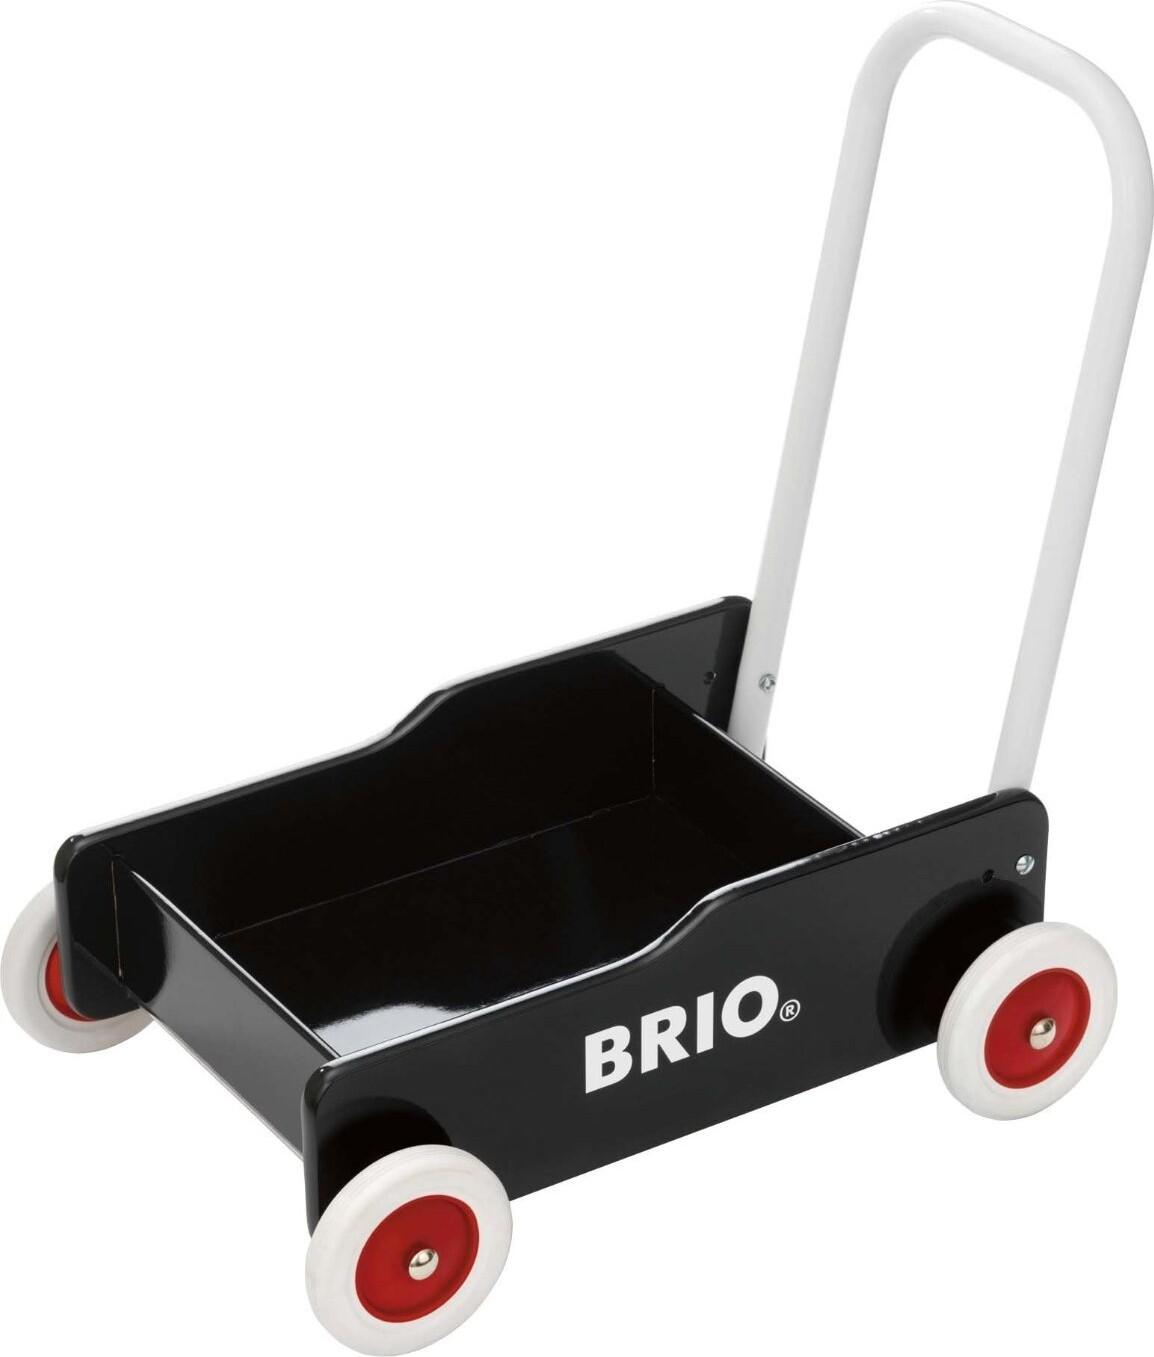 barnets udvikling, gå vogn, gåvogne, baby, brio gåvogn sort, gåvogn baby, gåvogn til baby, brio gå vogn, baby gåvogn